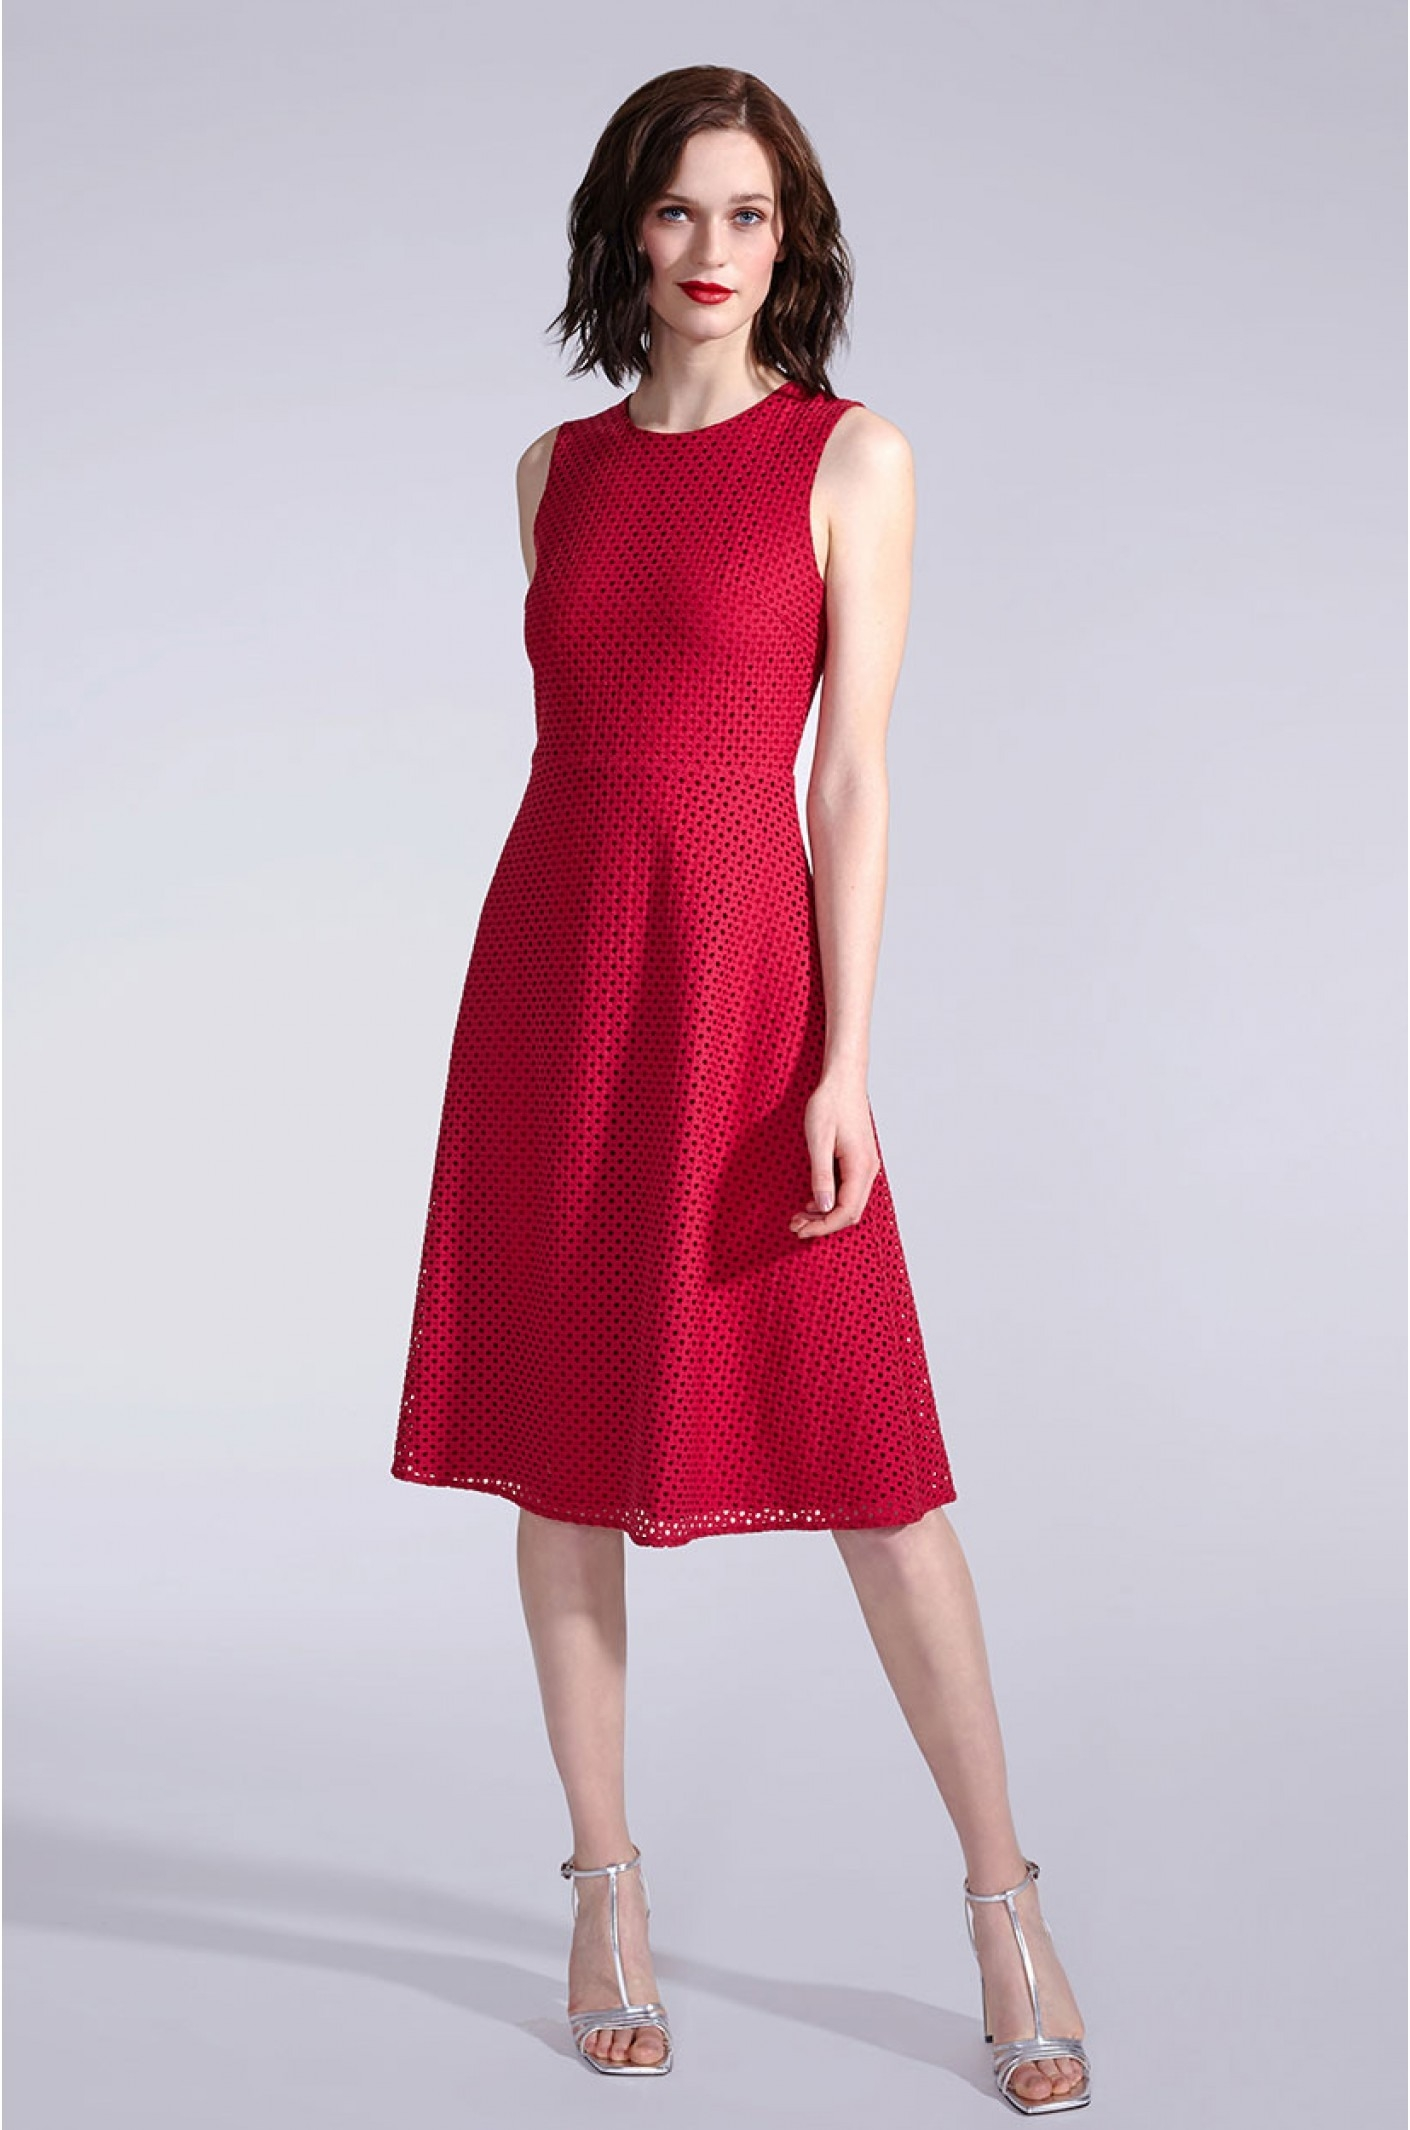 20 Schön Kleid Rot Elegant für 2019Designer Cool Kleid Rot Elegant Vertrieb